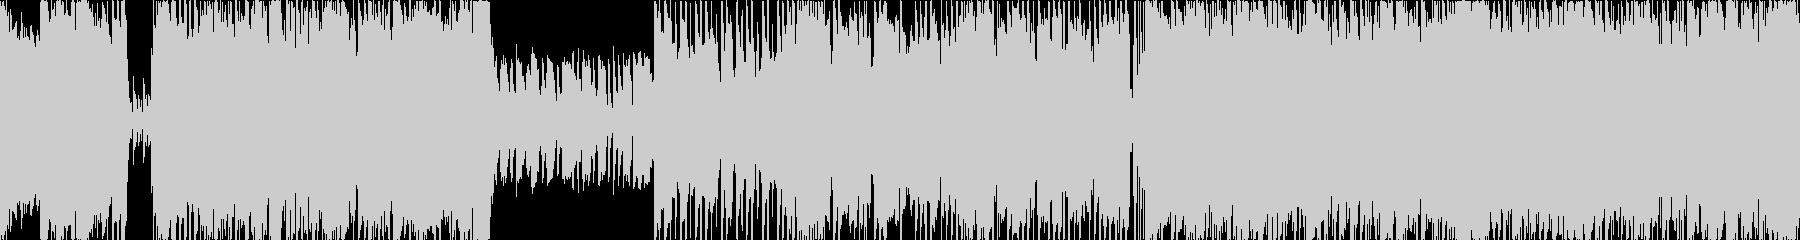 爽やかに広がるイメージのPop Rockの未再生の波形